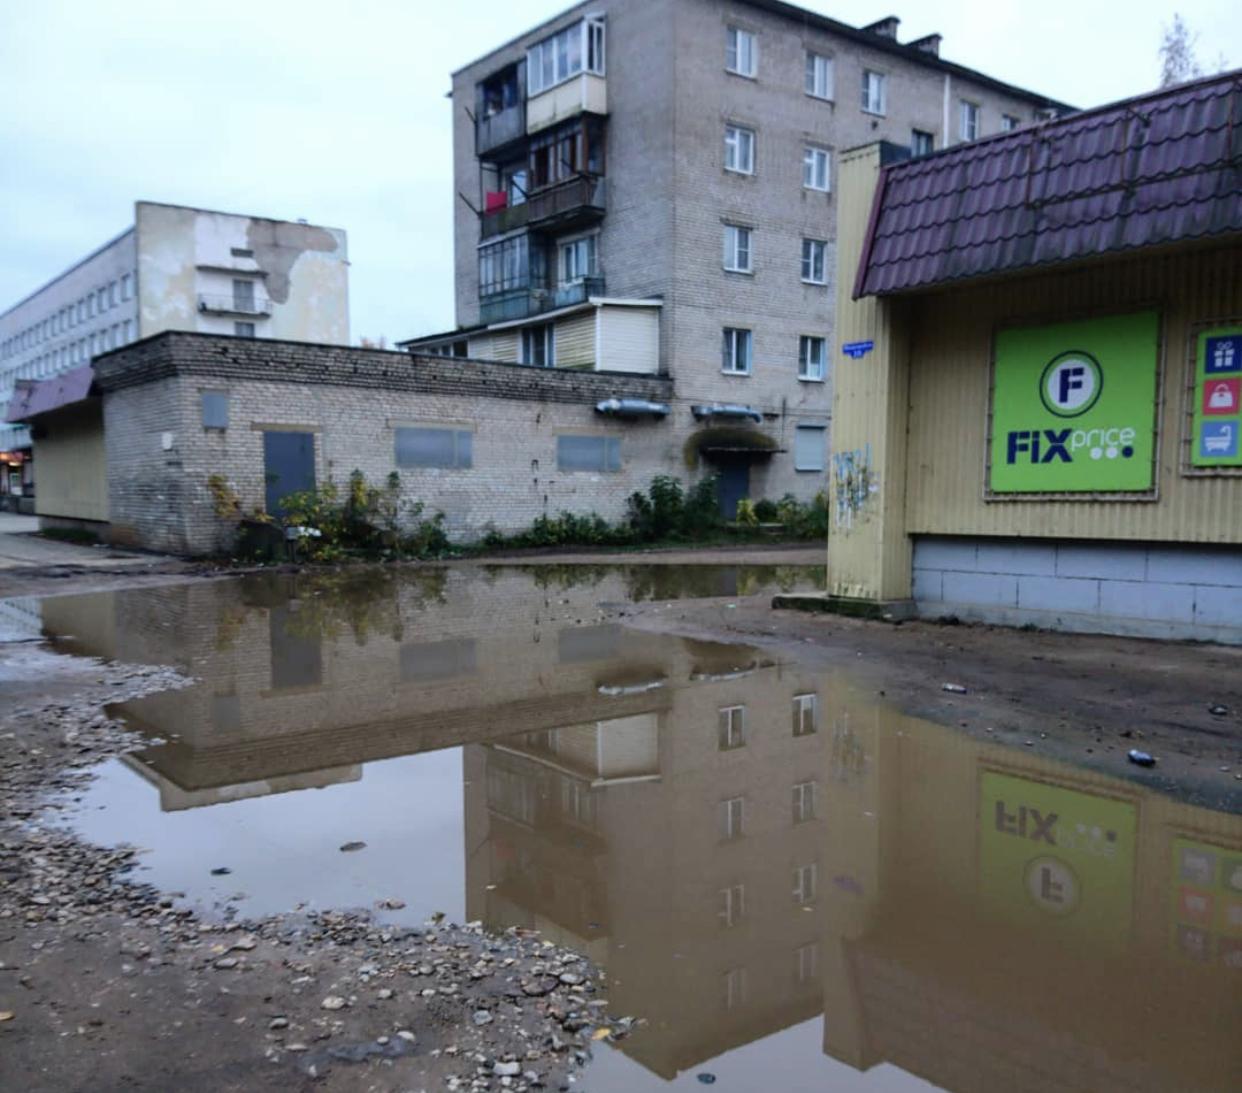 Глава округа Тверской области извинился за лужу-инстаграмщицу